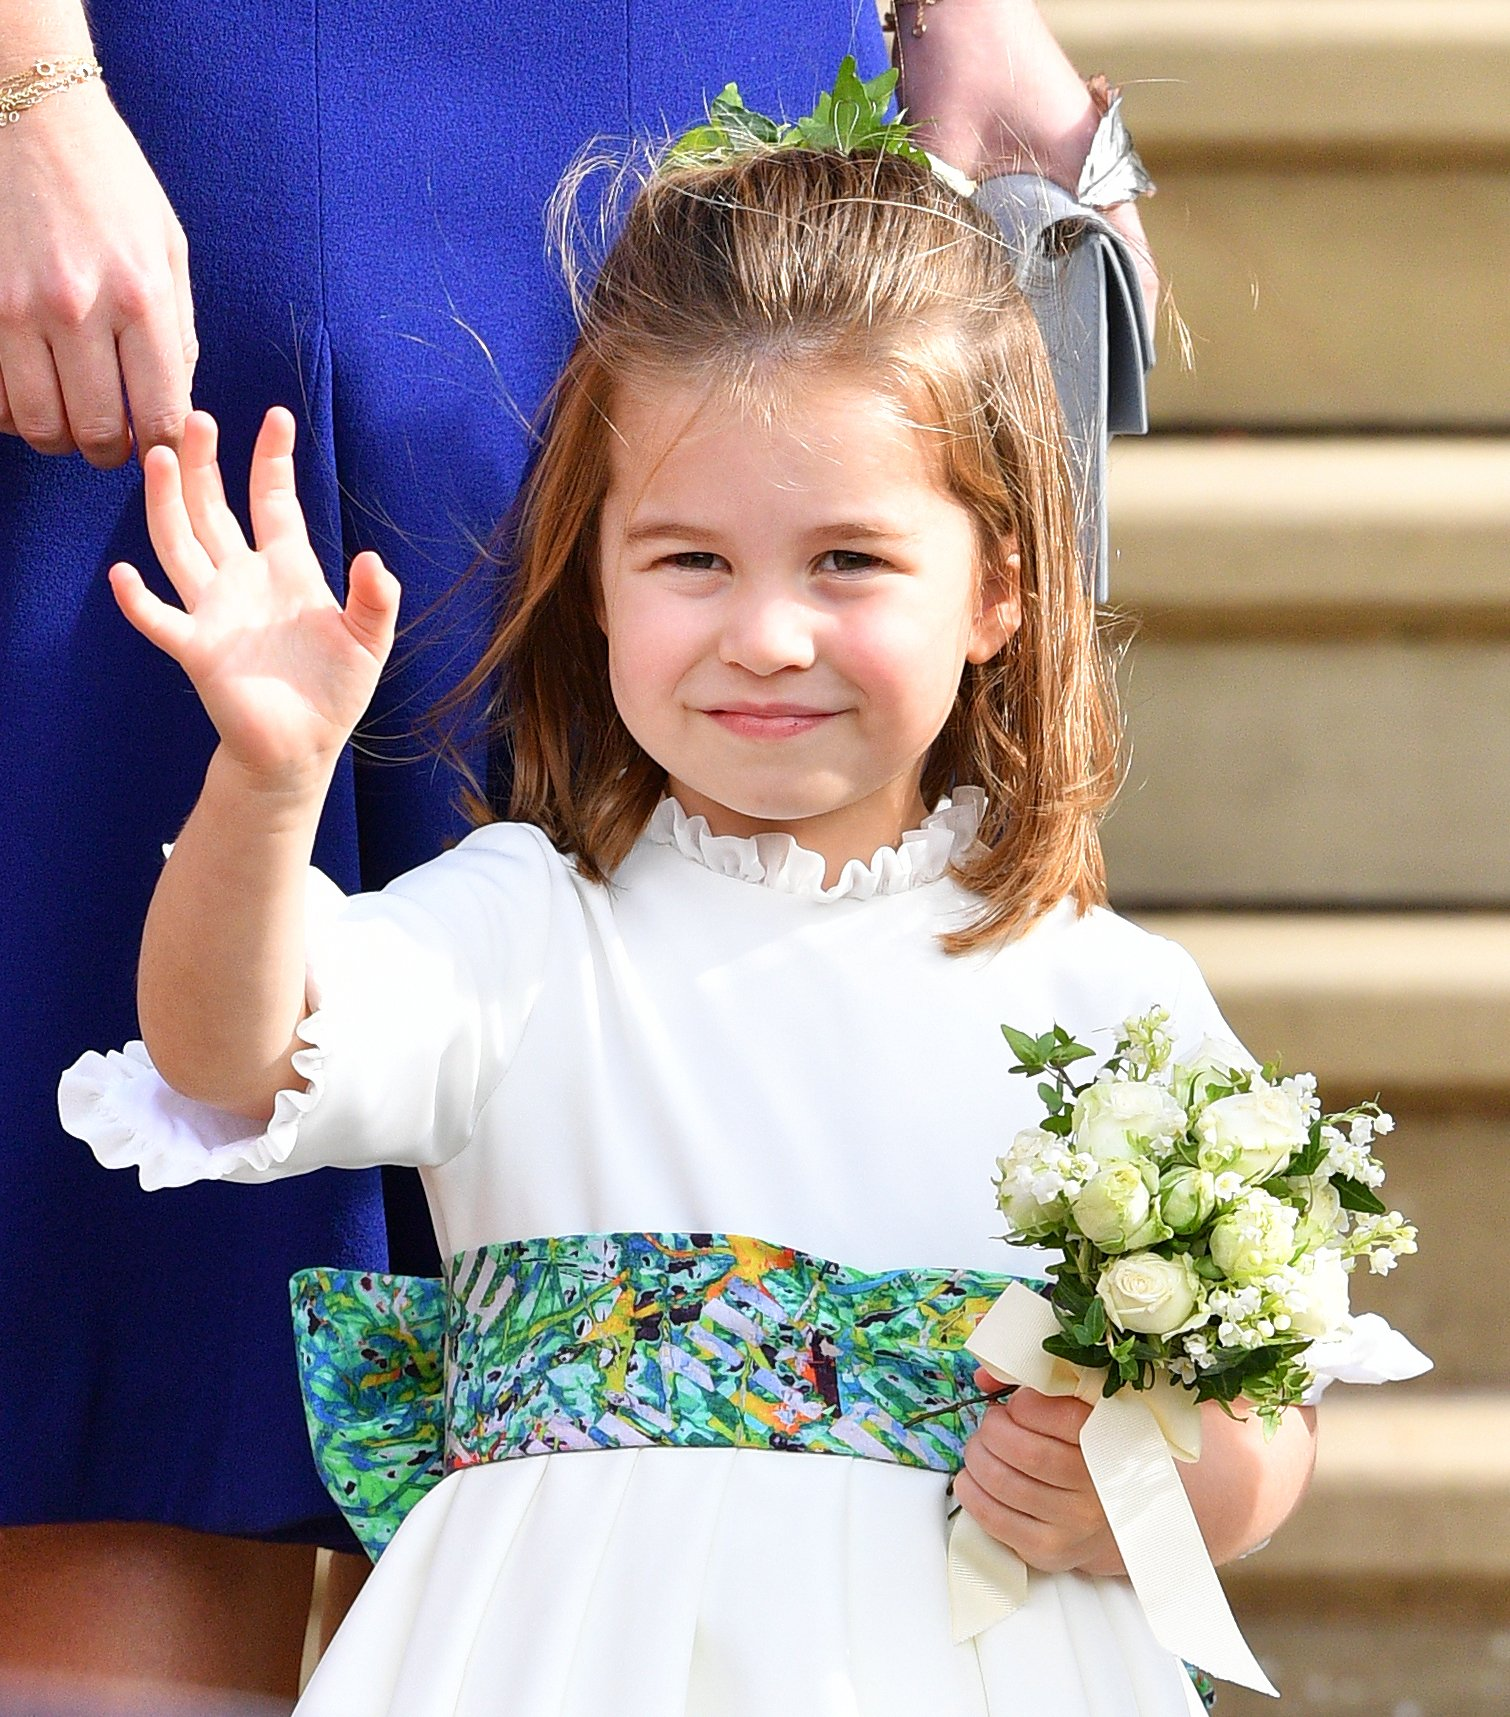 La princesa Charlotte en la boda de la princesa Eugenia y Jack Brooksbank en la capilla de San Jorge el 12 de octubre de 2018 en Windsor, Inglaterra. | Fuente: Getty Images